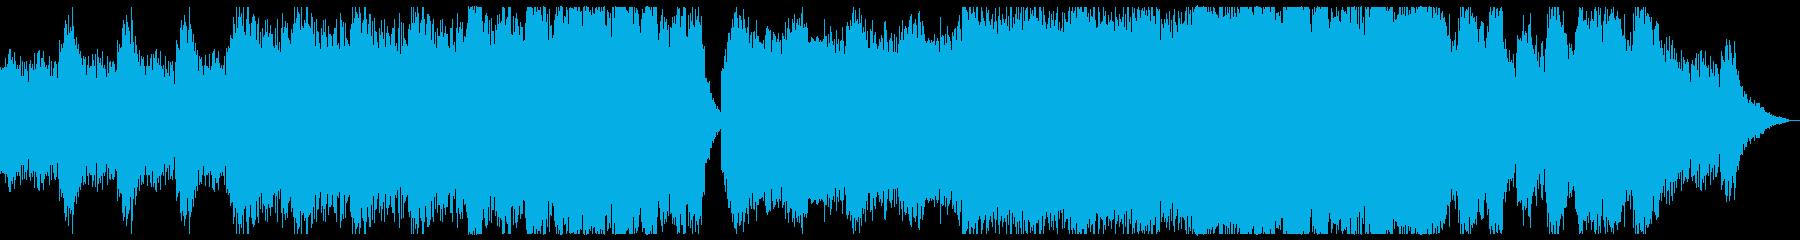 圧倒的なクライマックスを感じる曲の再生済みの波形